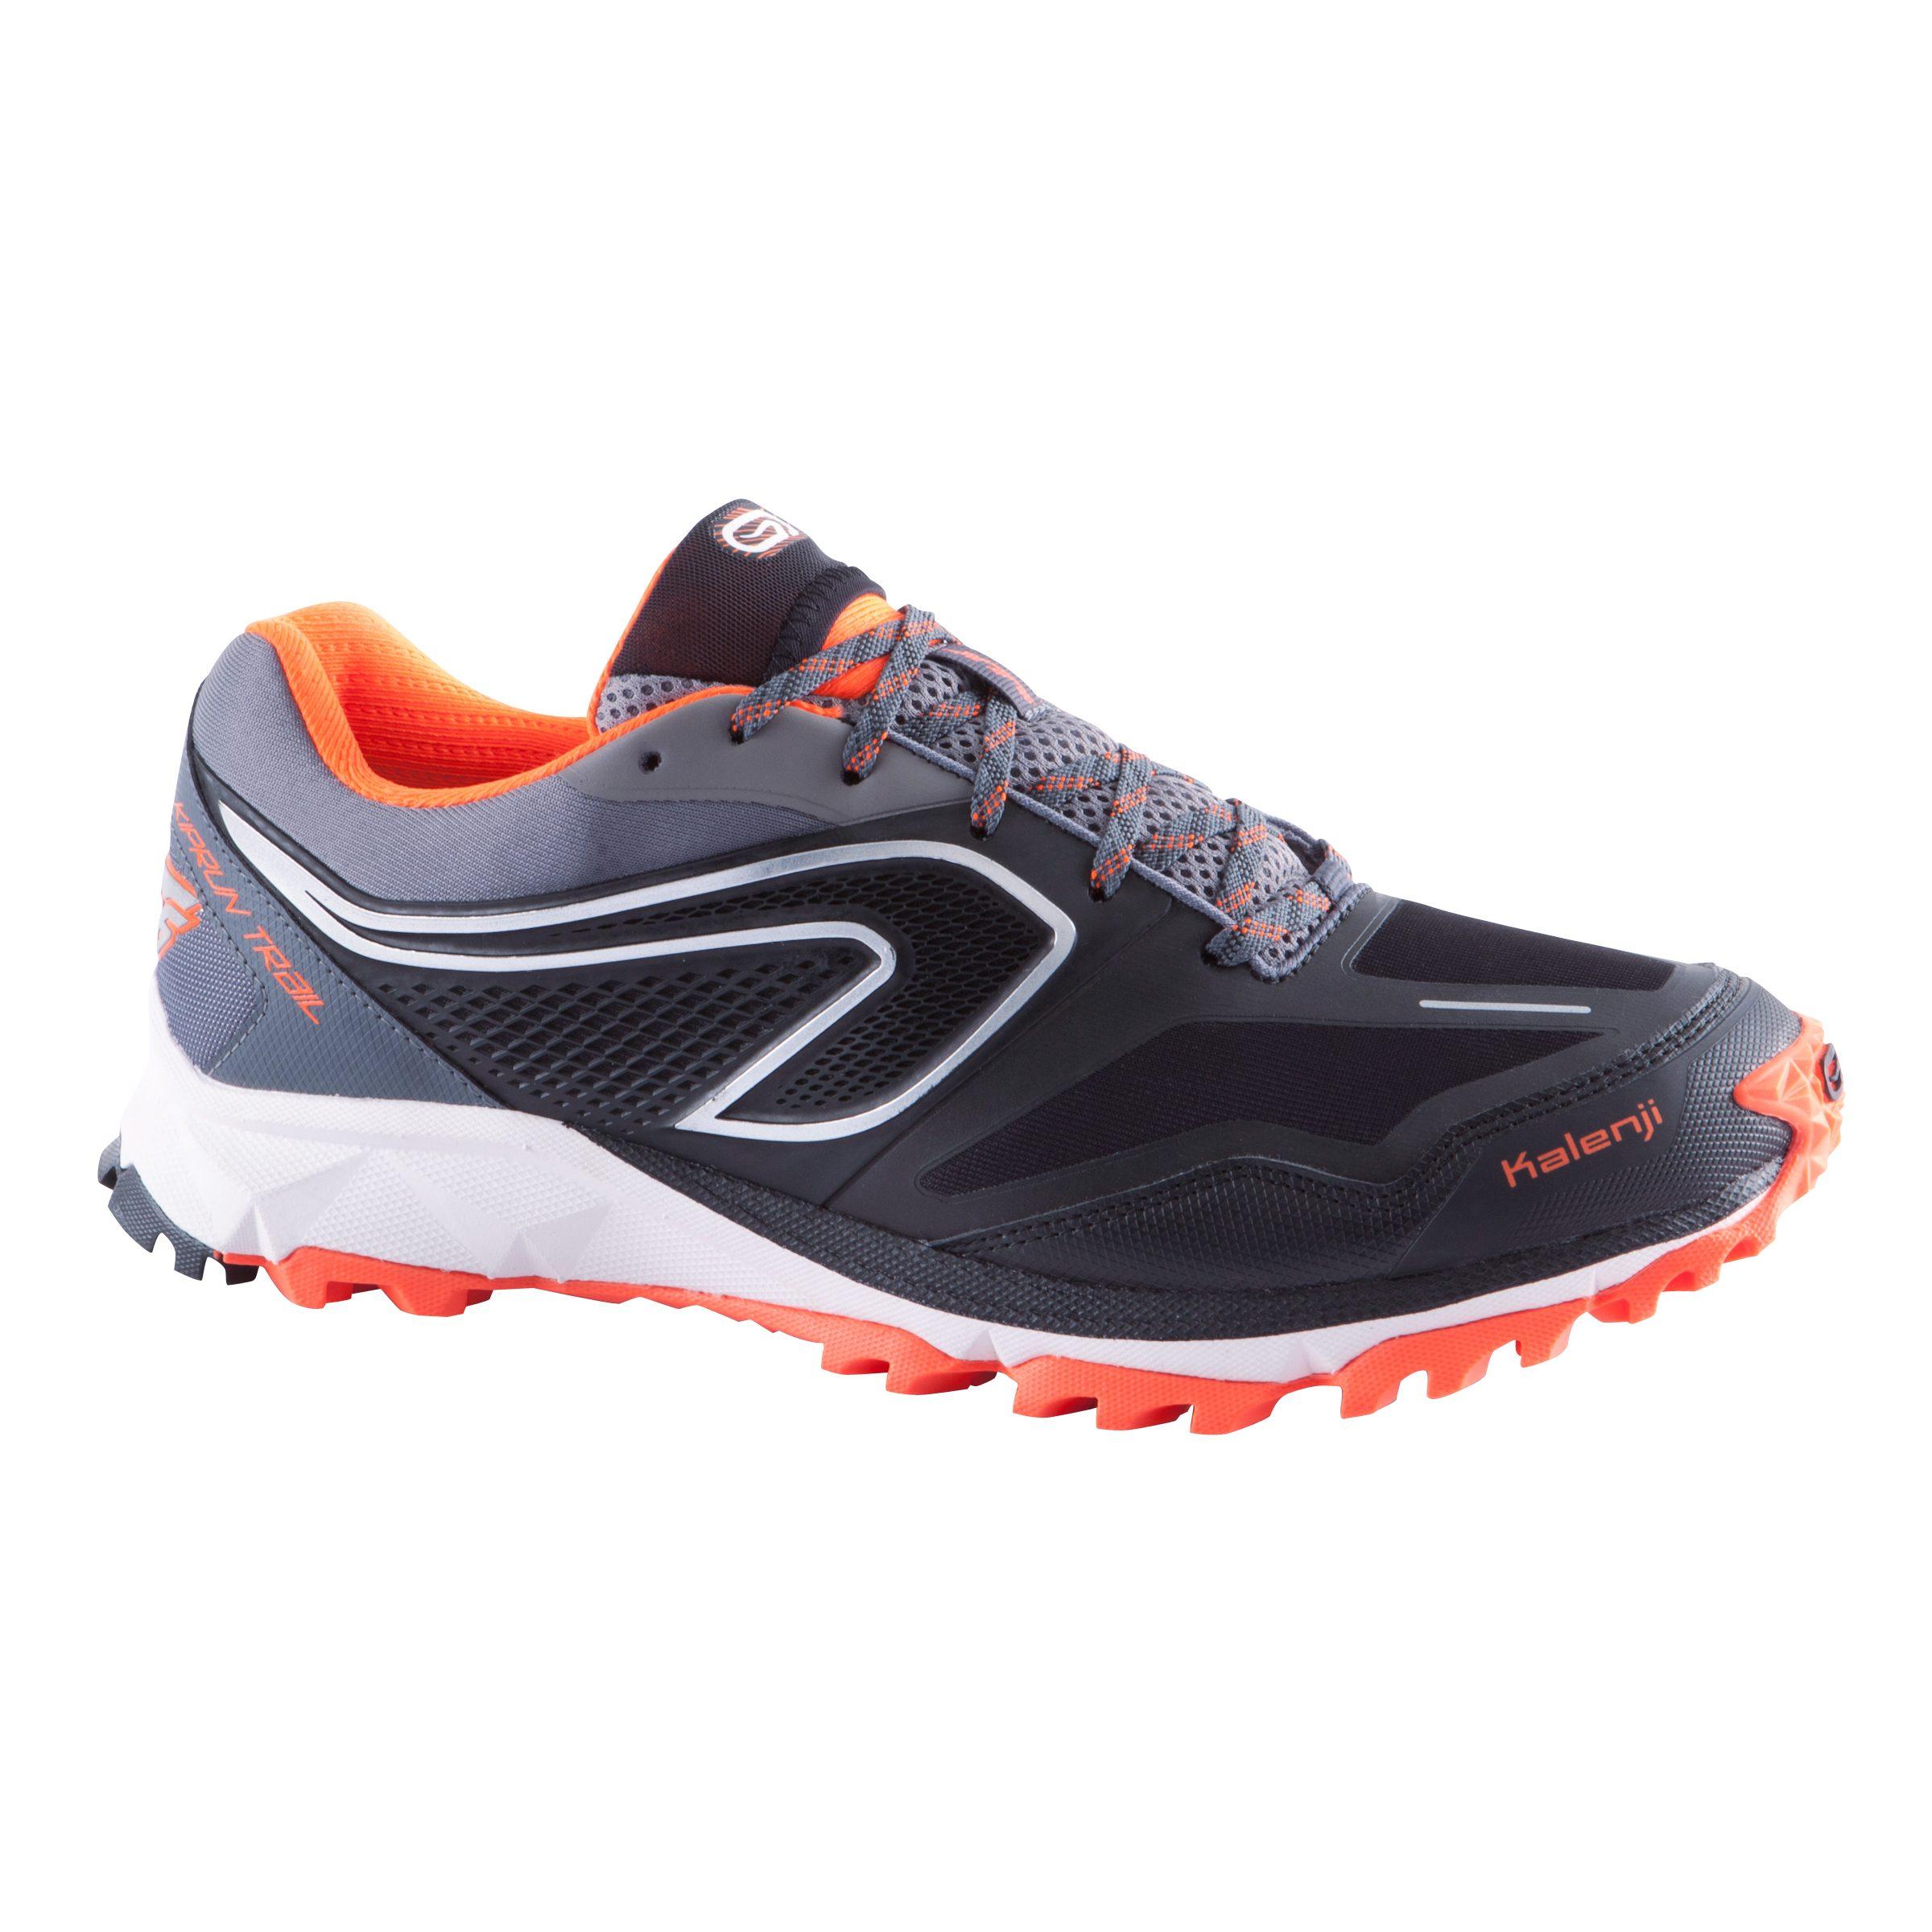 Chaussures de running homme kiprun ld